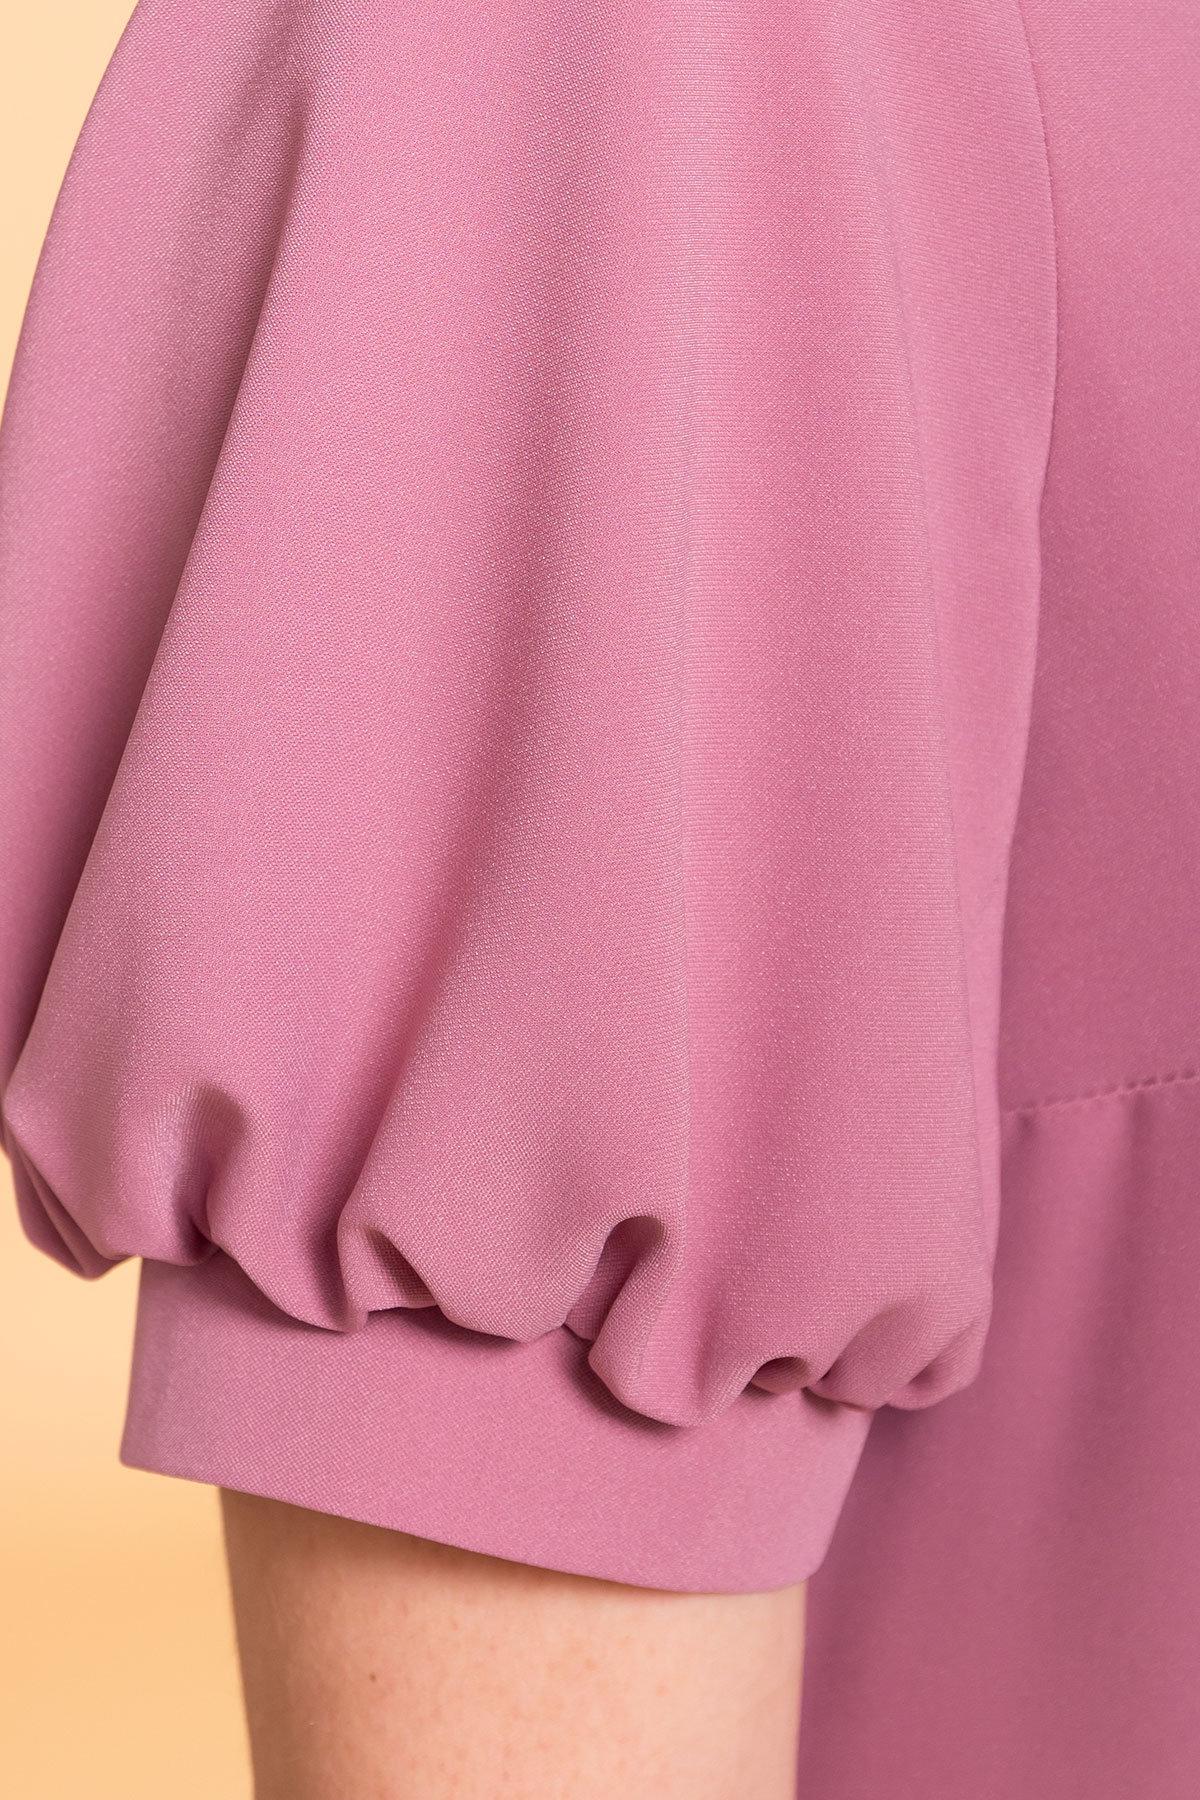 Платье Алиби 6730 АРТ. 41877 Цвет: Серо-розовый тёмный 008 - фото 4, интернет магазин tm-modus.ru